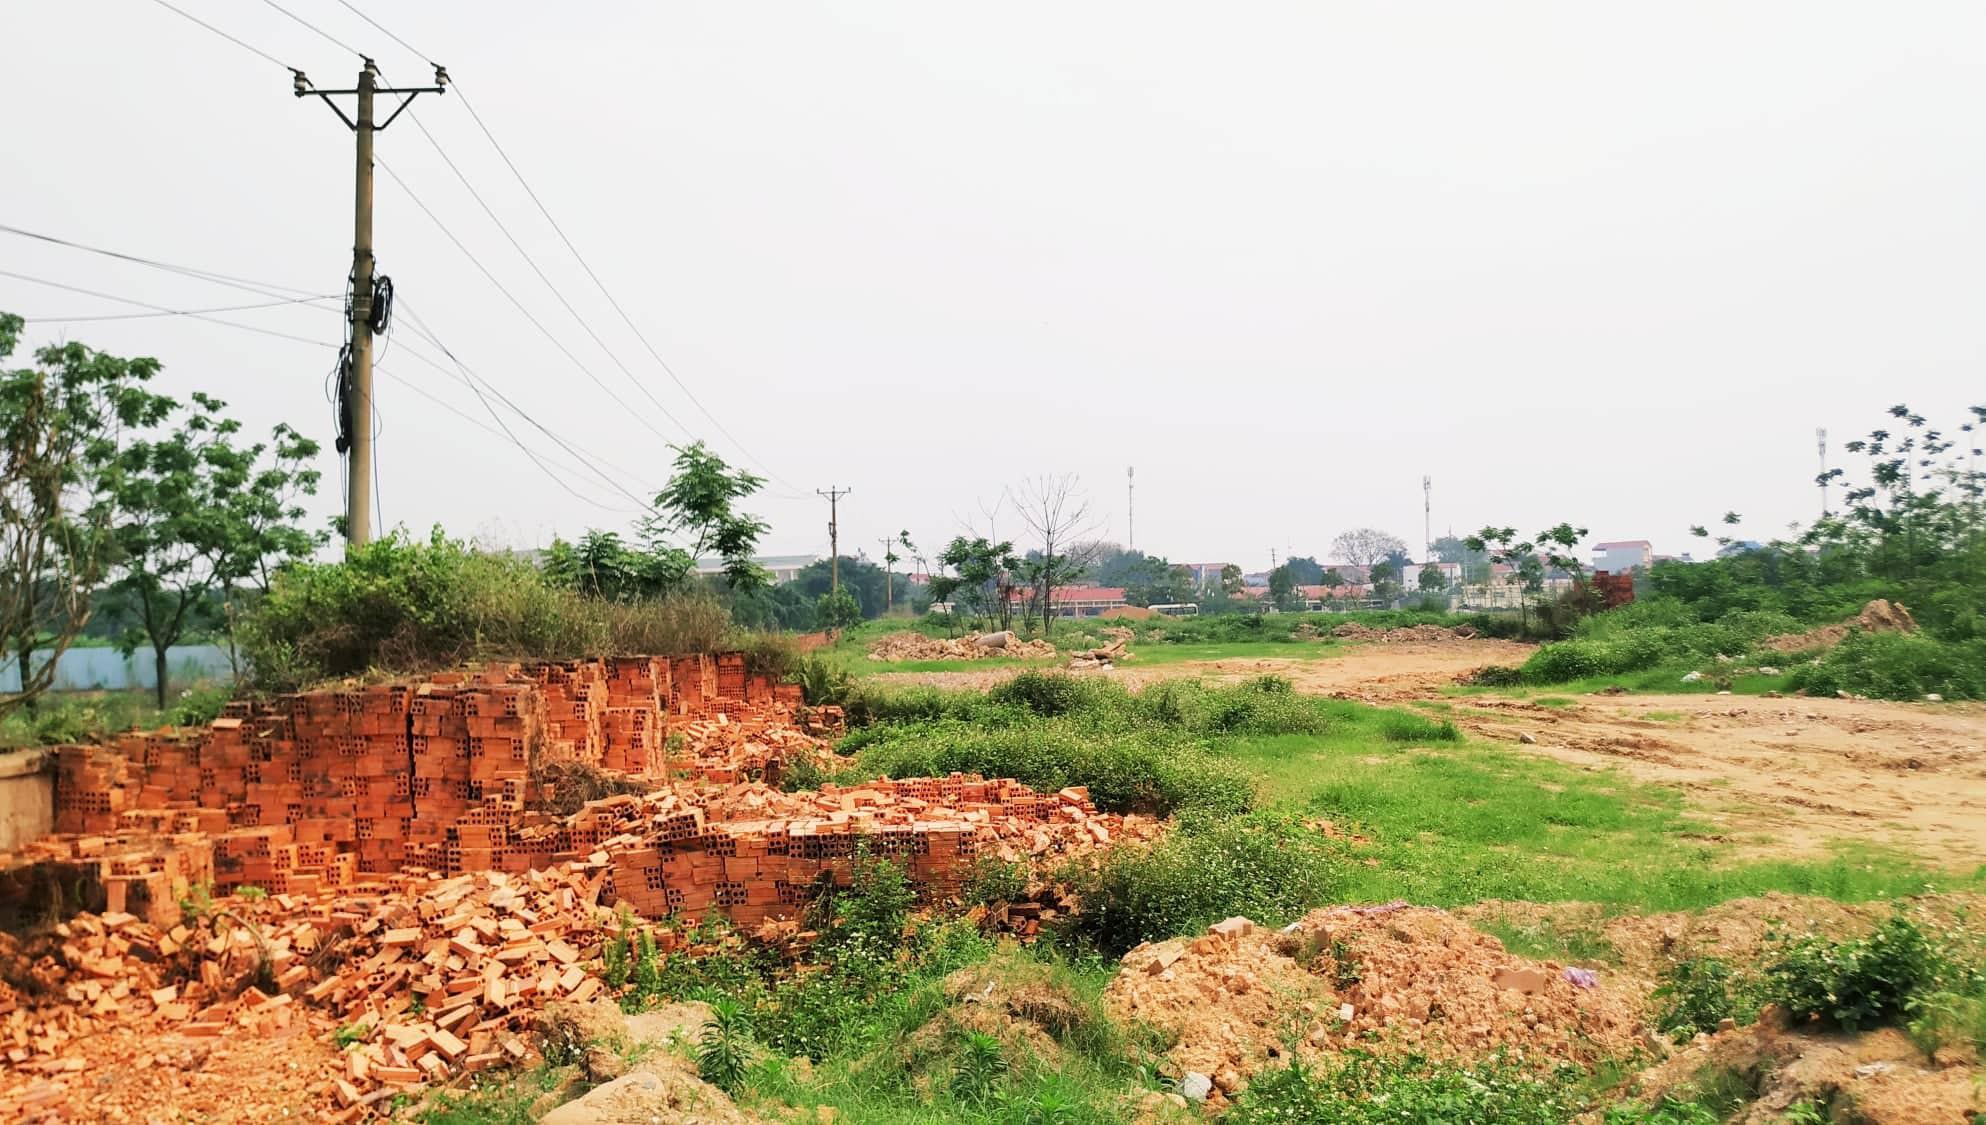 Sau 10 năm xây dựng, 2.000 ha đất hoang tàn, bỏ hoang tại Mê Linh - Ảnh 4.